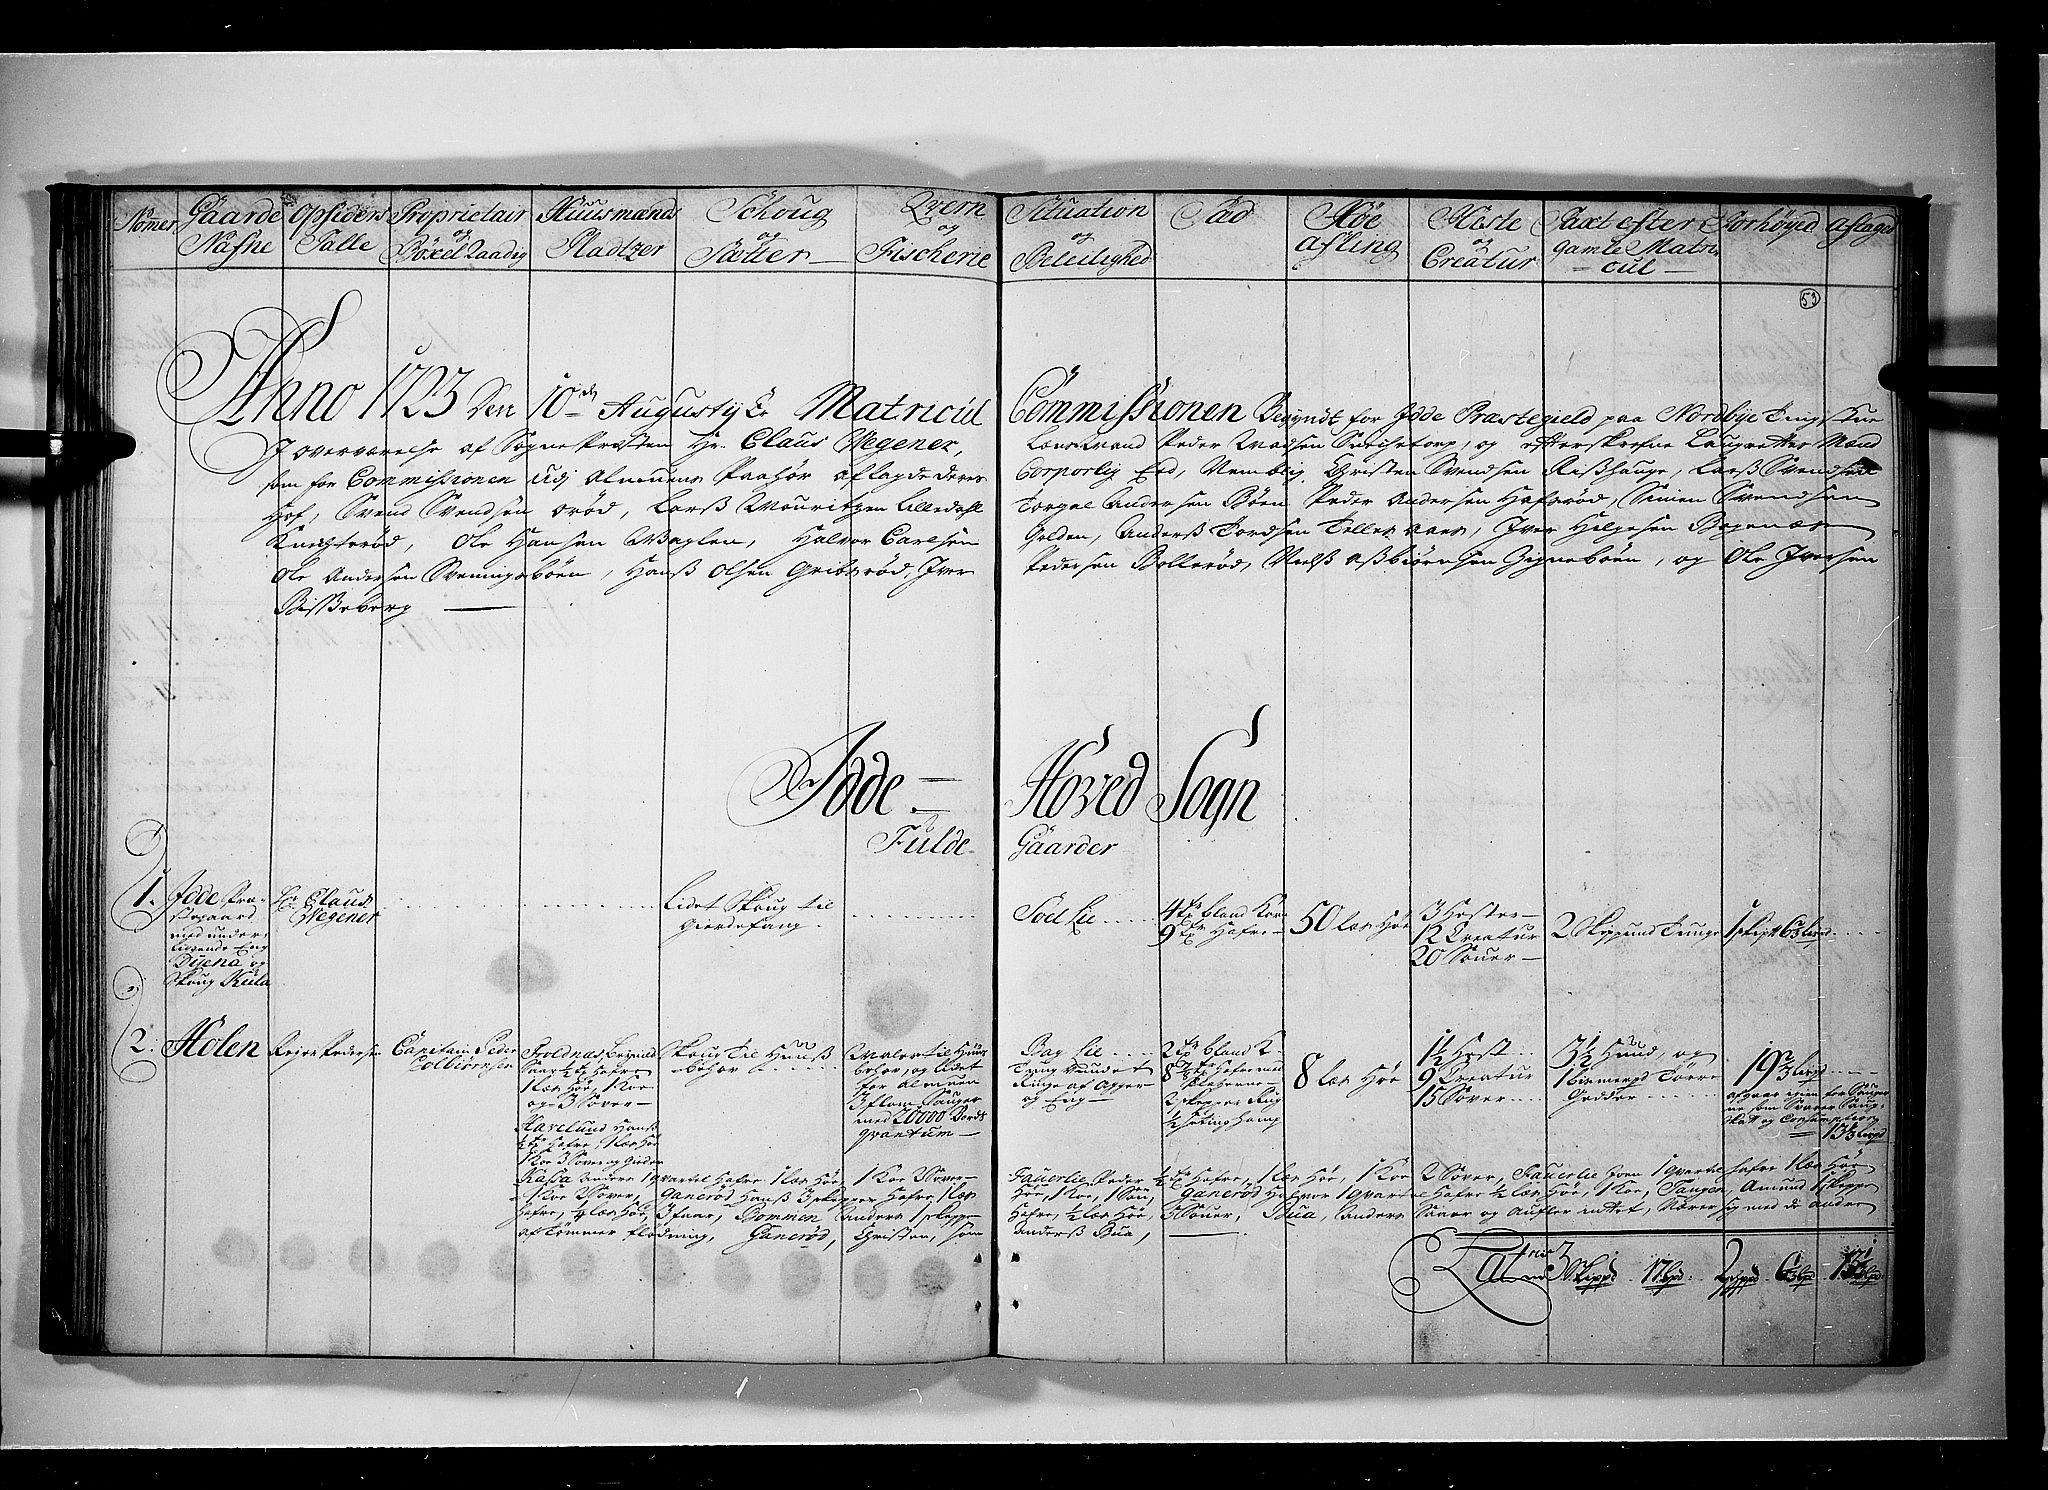 RA, Rentekammeret inntil 1814, Realistisk ordnet avdeling, N/Nb/Nbf/L0097: Idd og Marker eksaminasjonsprotokoll, 1723, s. 52b-53a